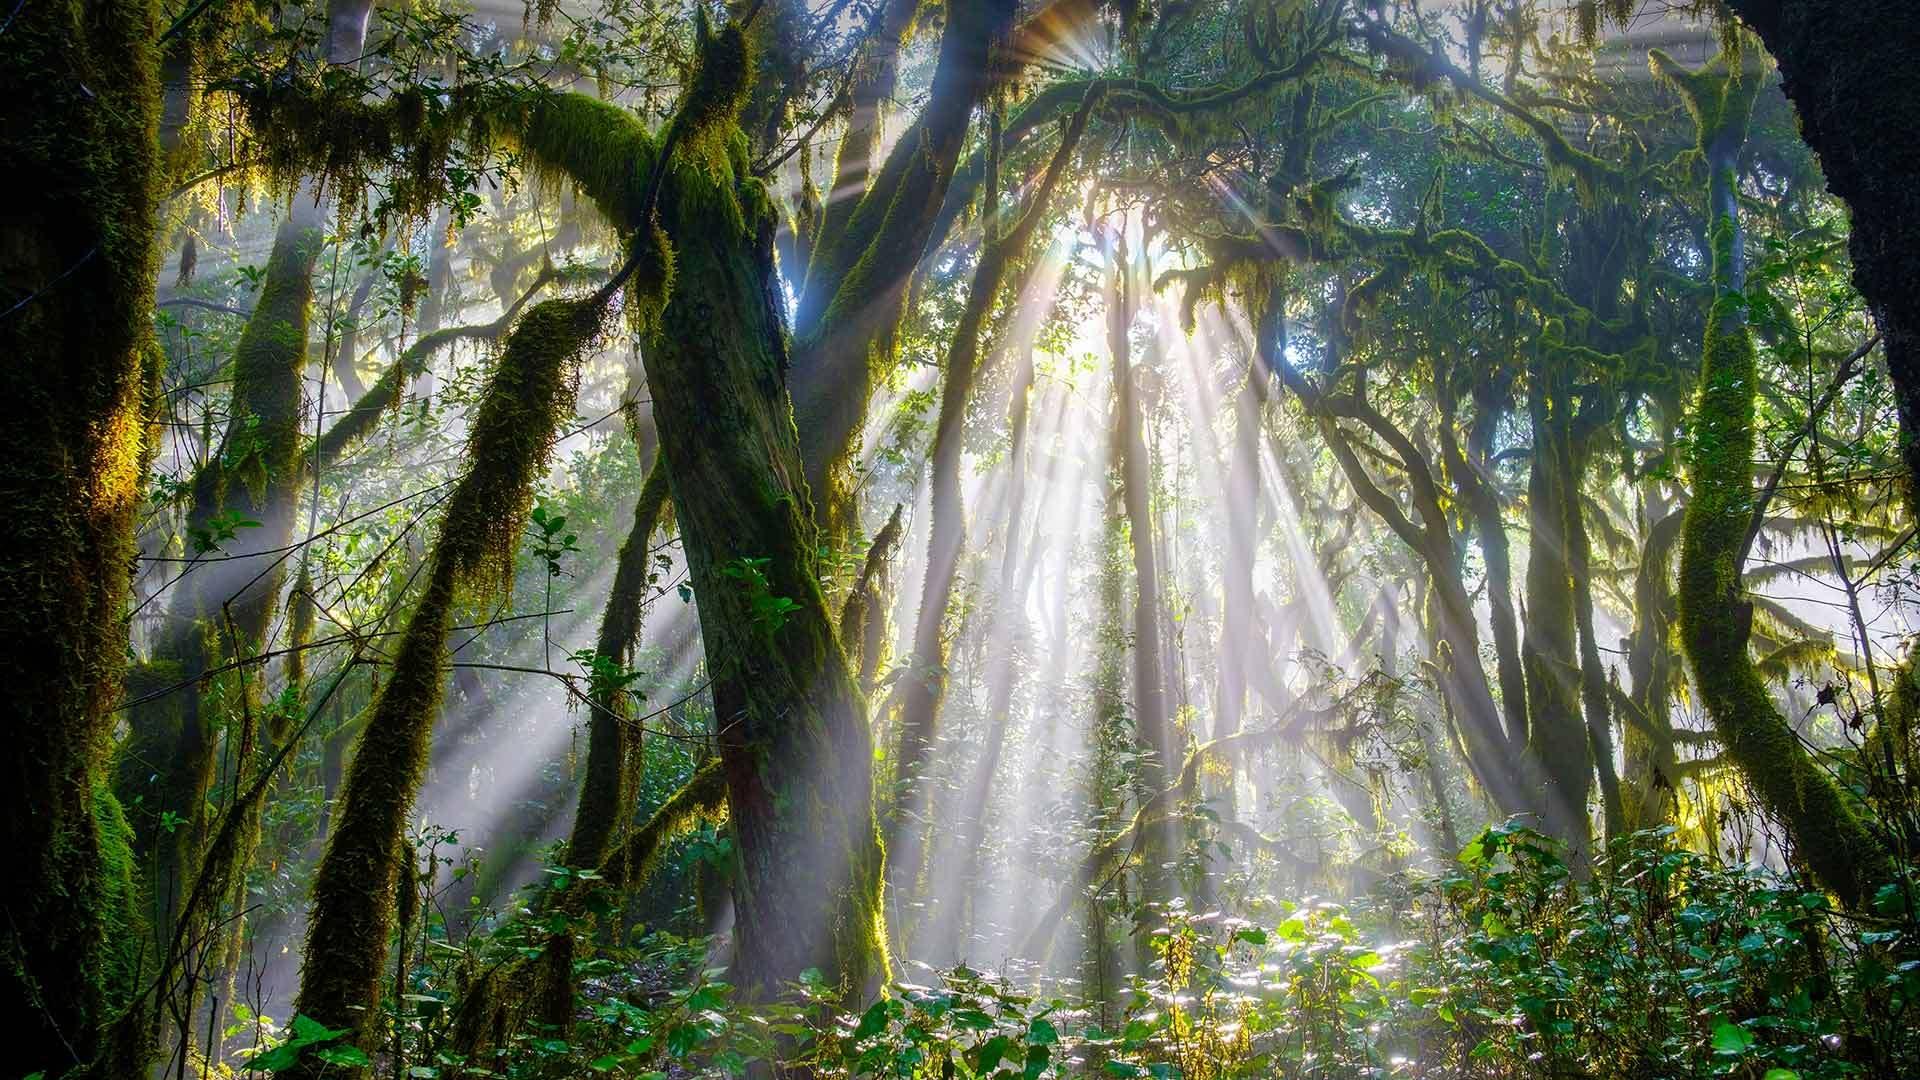 阳光穿透加拉霍奈国家公园中的森林戈梅拉岛